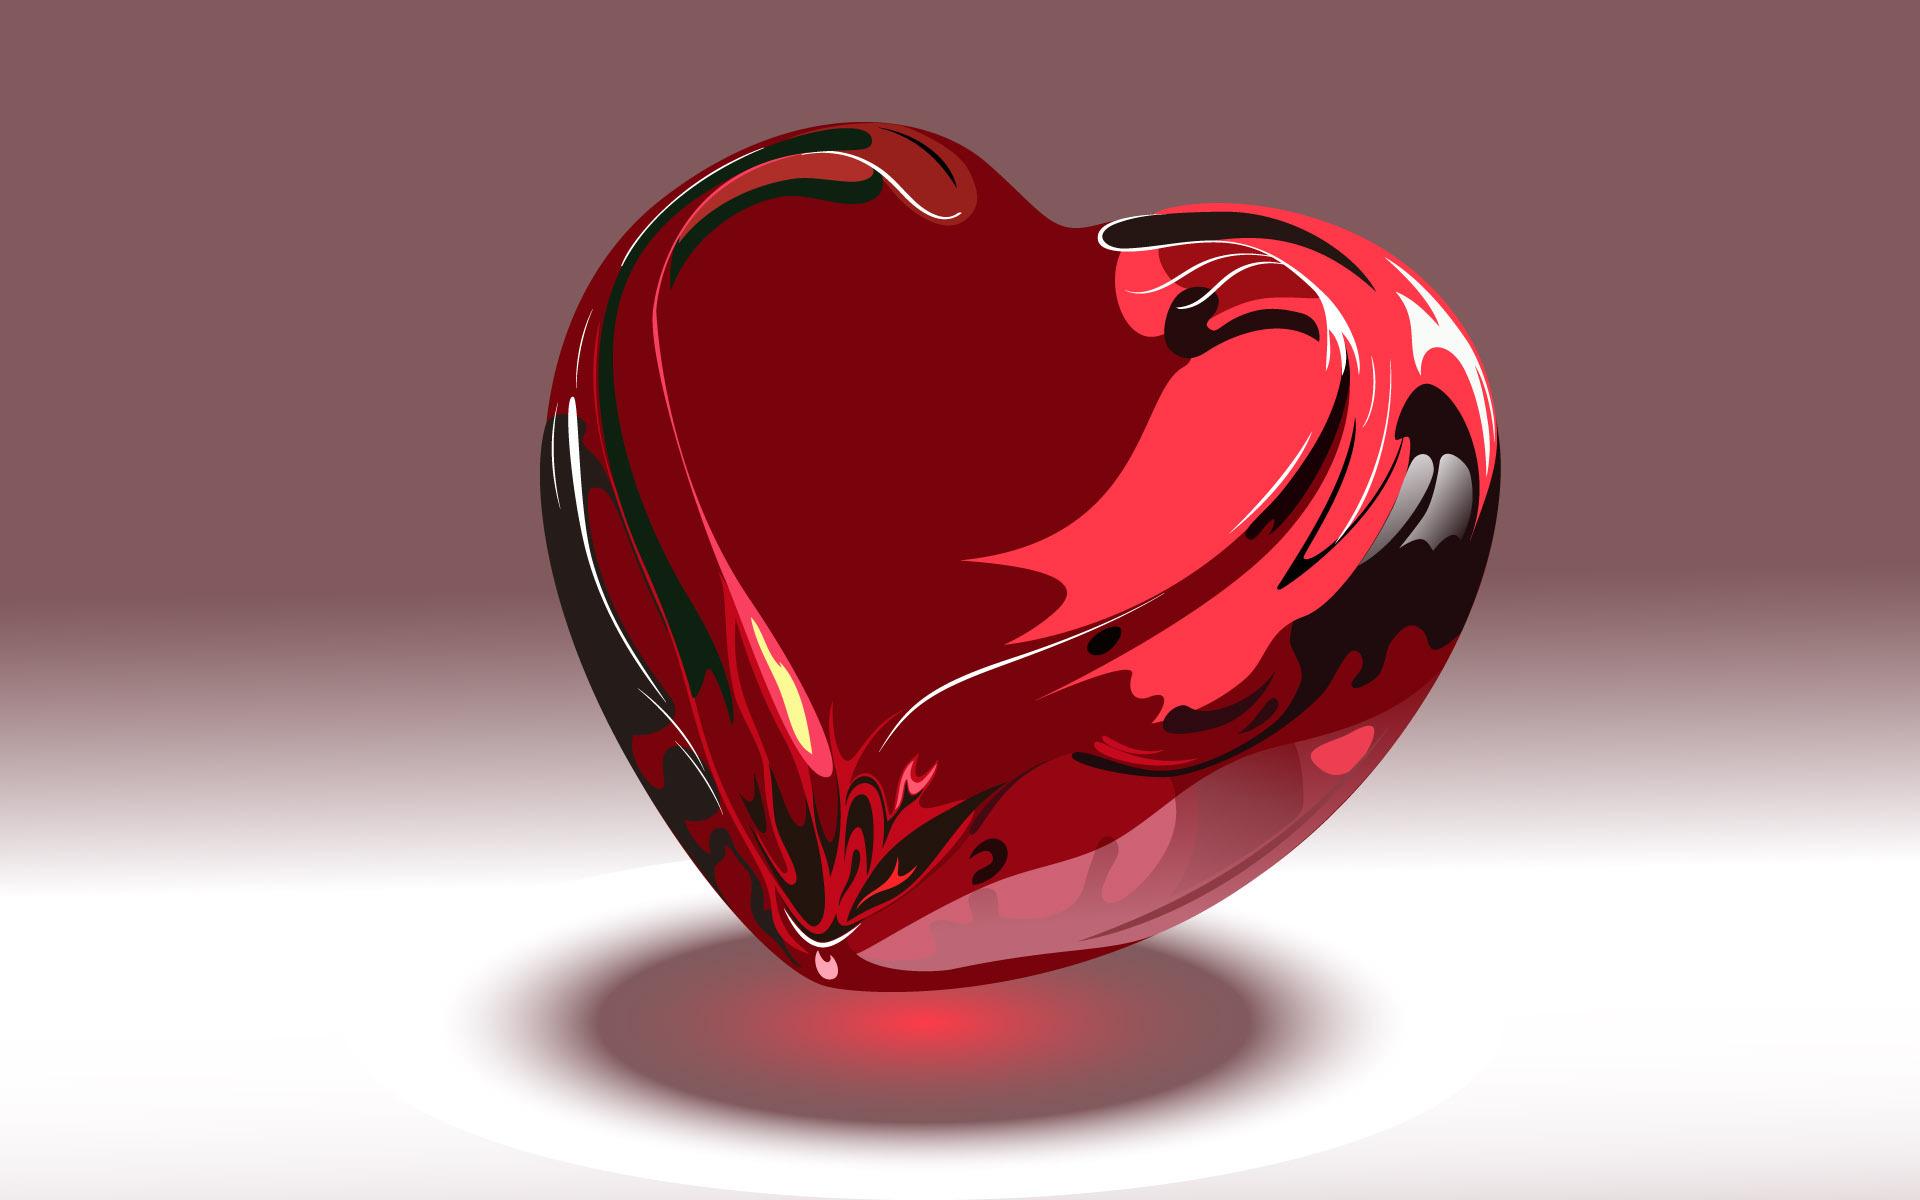 Картинки красивое сердце